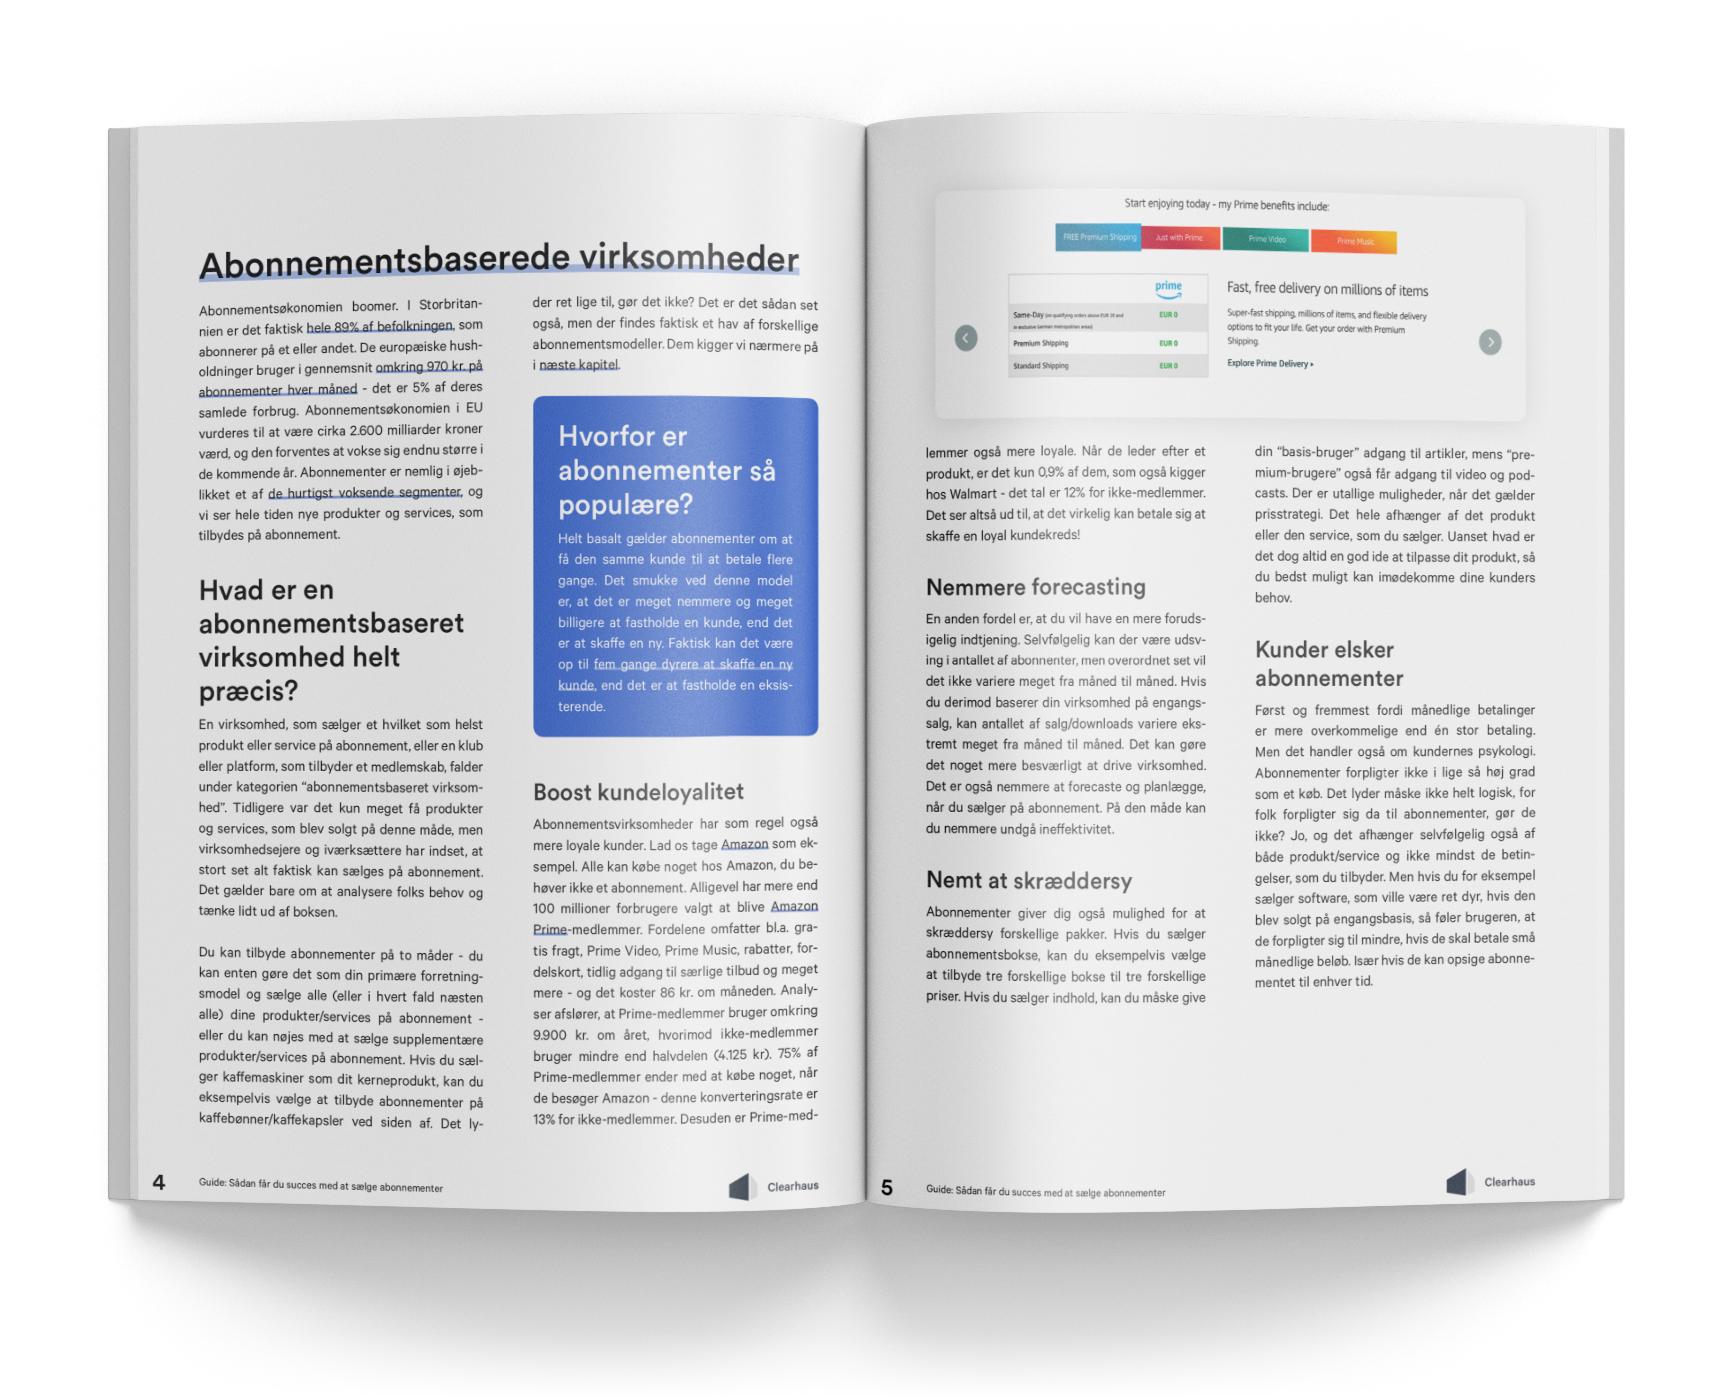 E-bog preview - pages 4 og 5